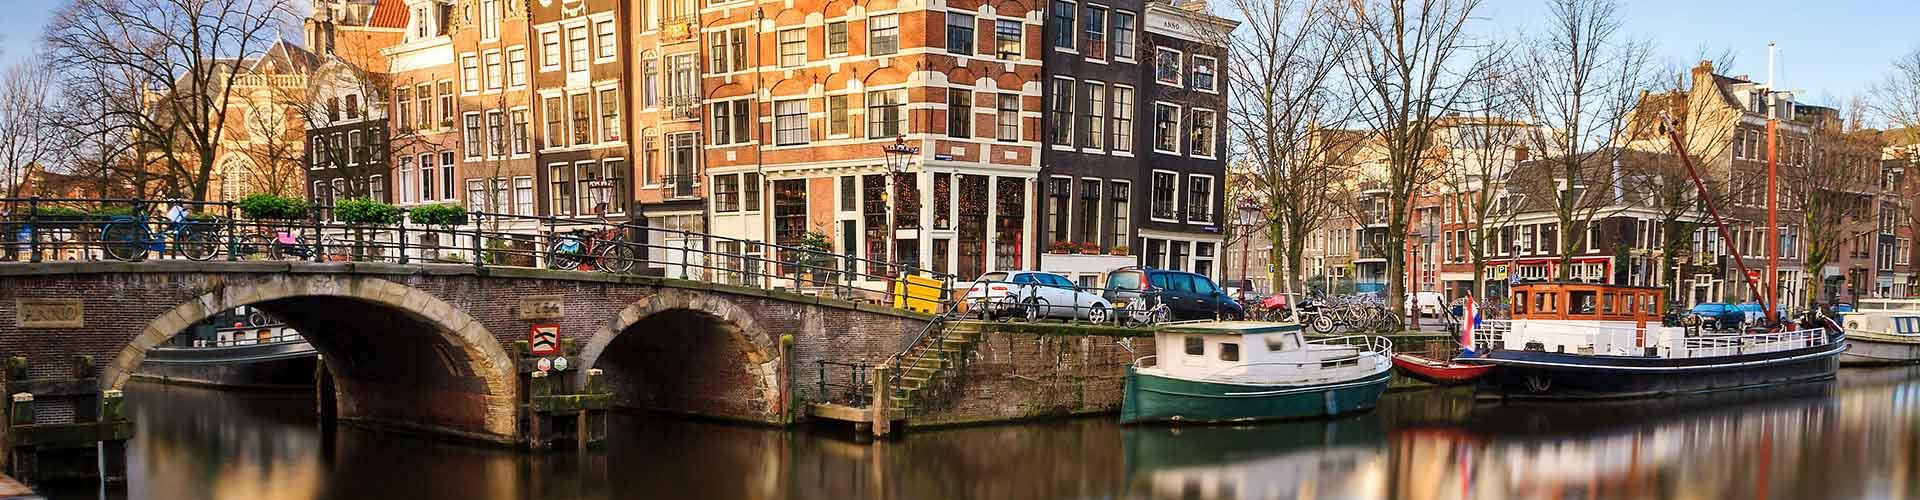 Amsterdam - Hostele w mieście: Amsterdam, Mapy: Amsterdam, Zdjęcia i Recenzje dla każdego hostelu w mieście Amsterdam.